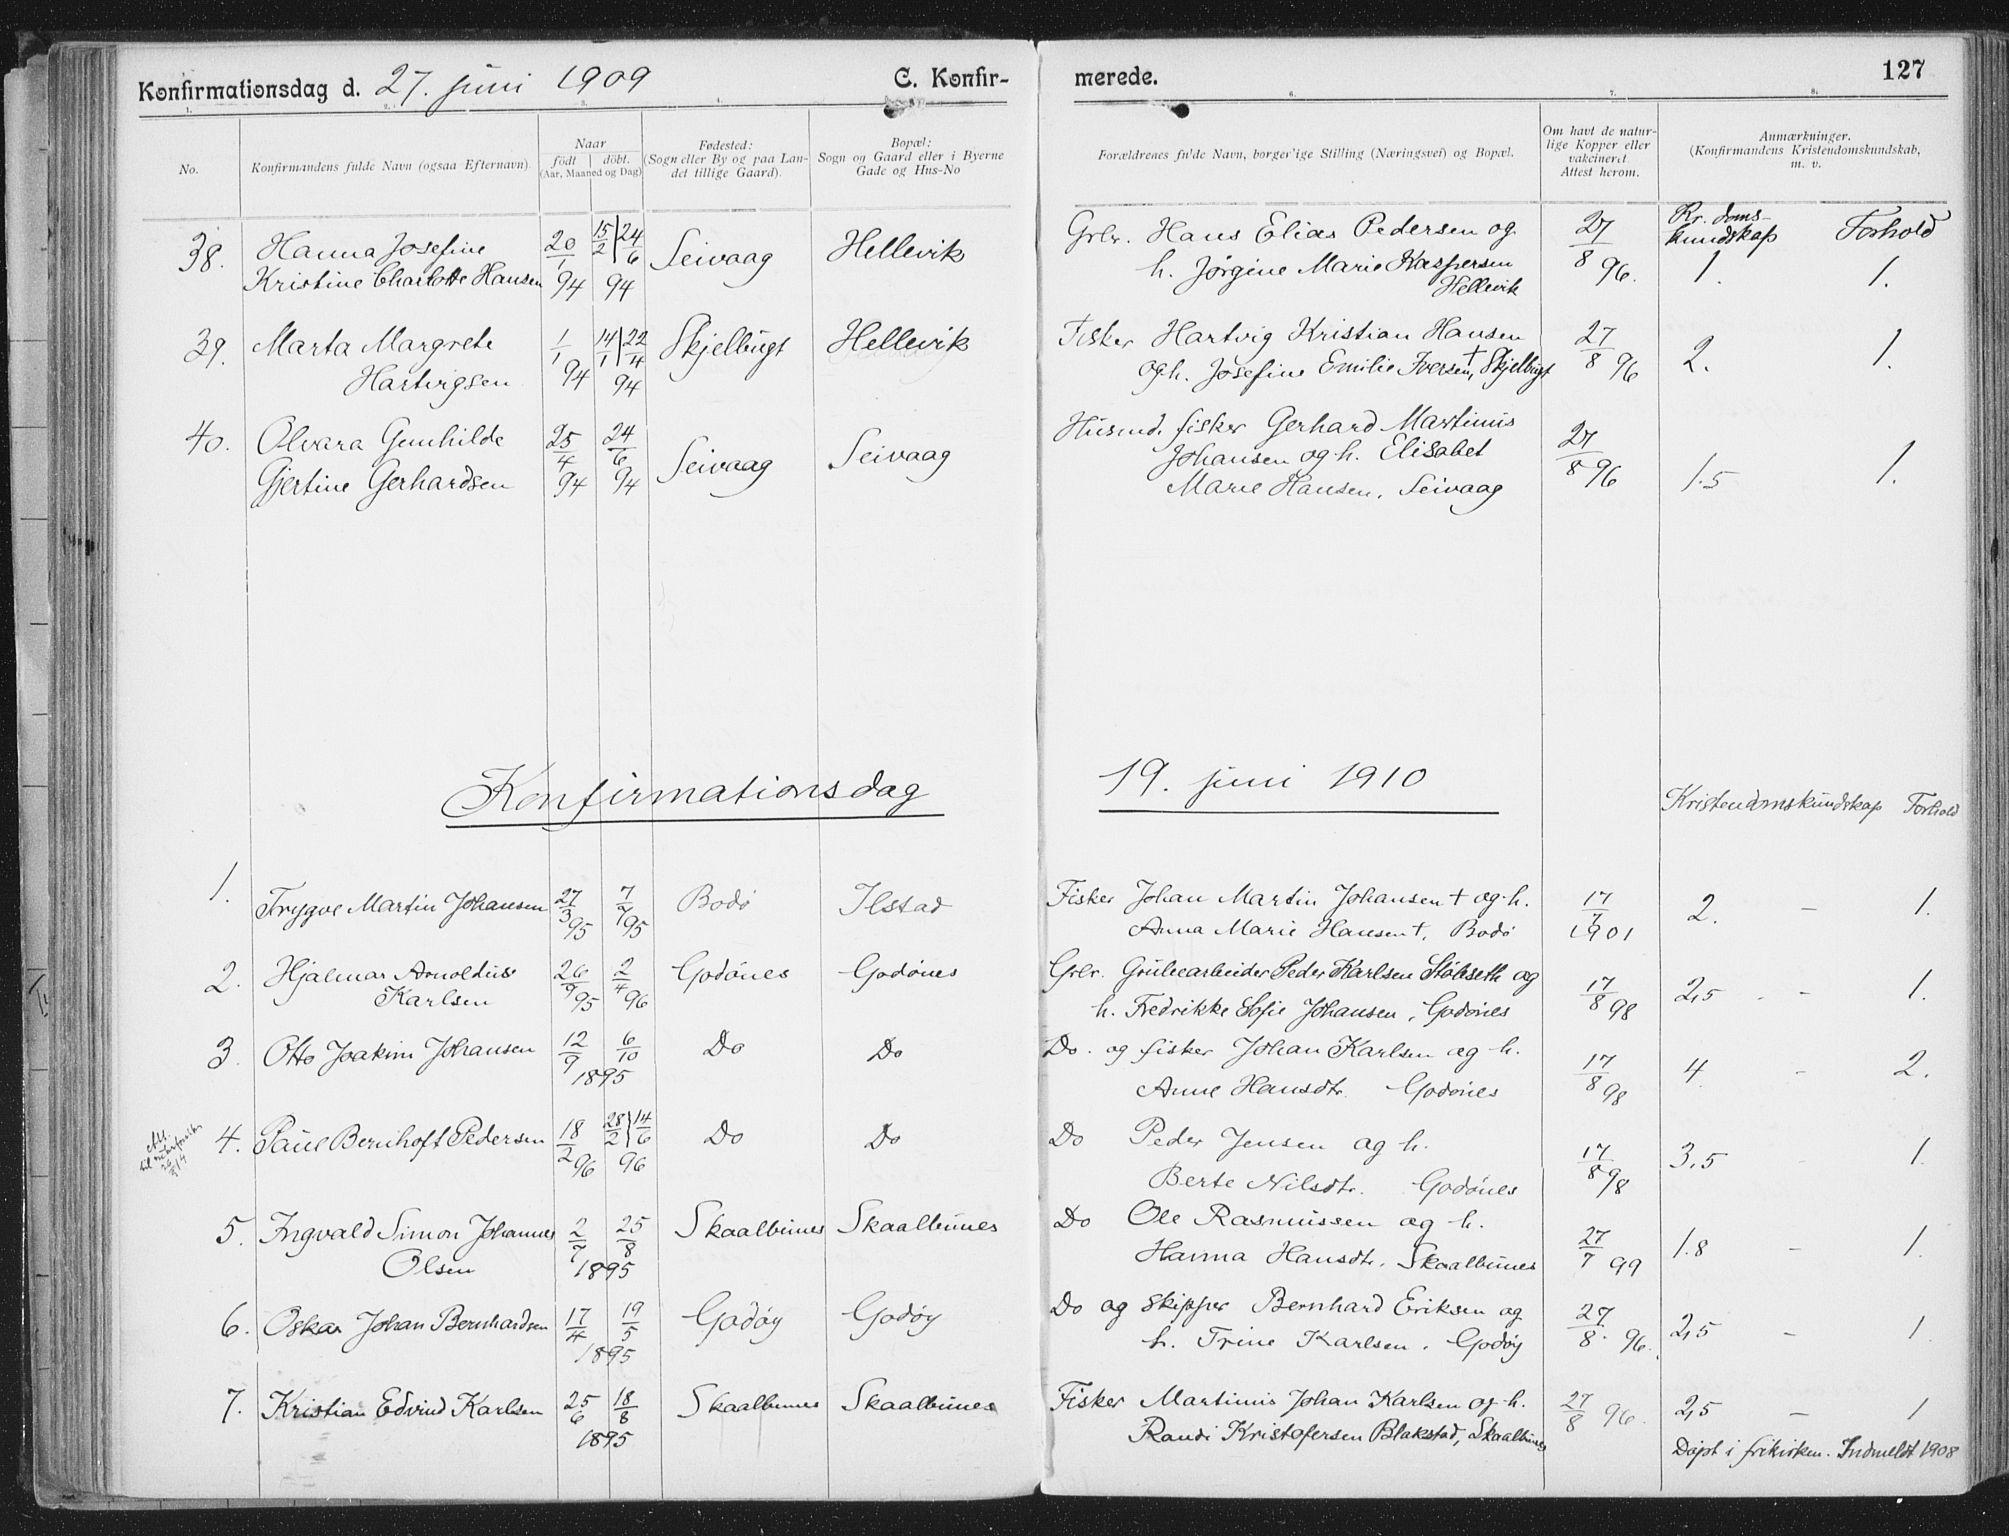 SAT, Ministerialprotokoller, klokkerbøker og fødselsregistre - Nordland, 804/L0081: Parish register (official) no. 804A02, 1901-1915, p. 127